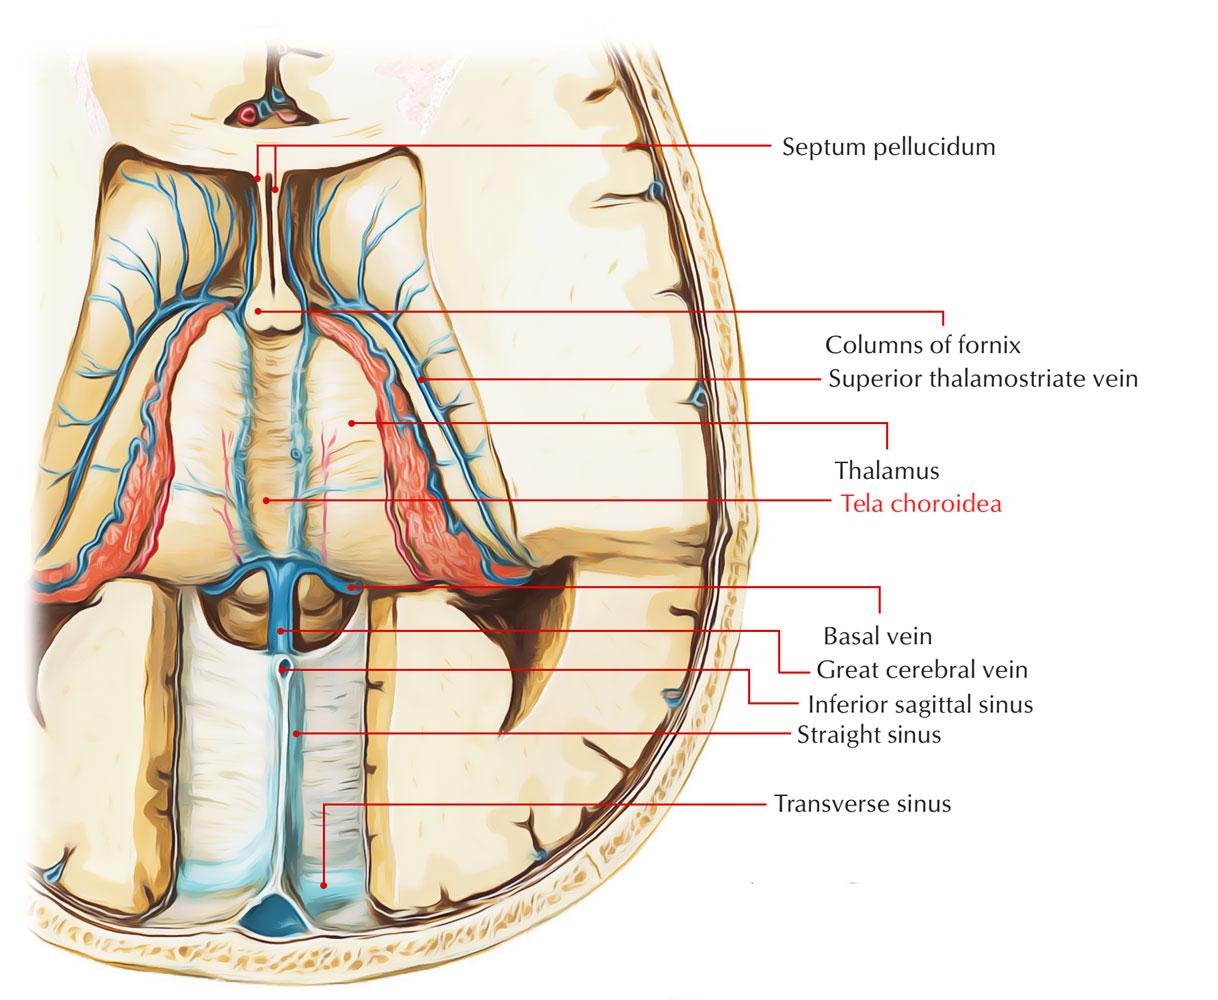 Tela Choroidea